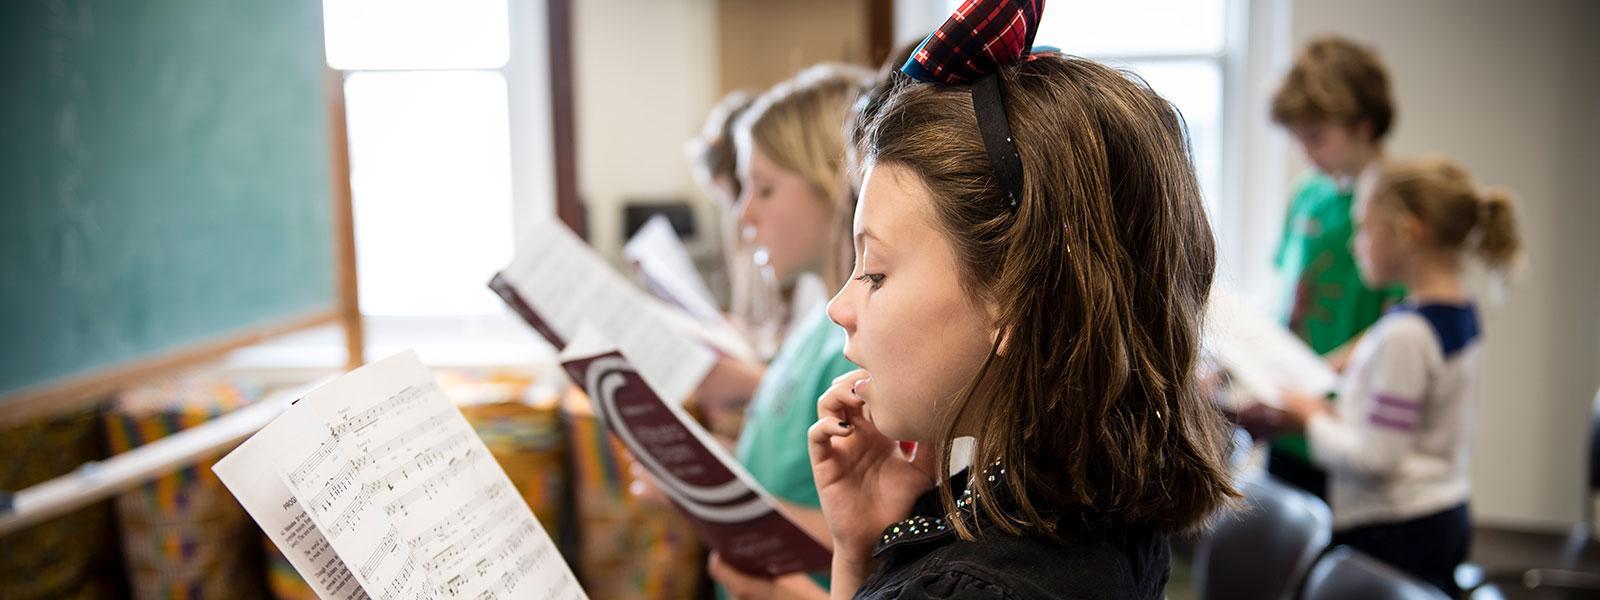 Children's Chorus at the Community Music School / Photo: Christine Rucker